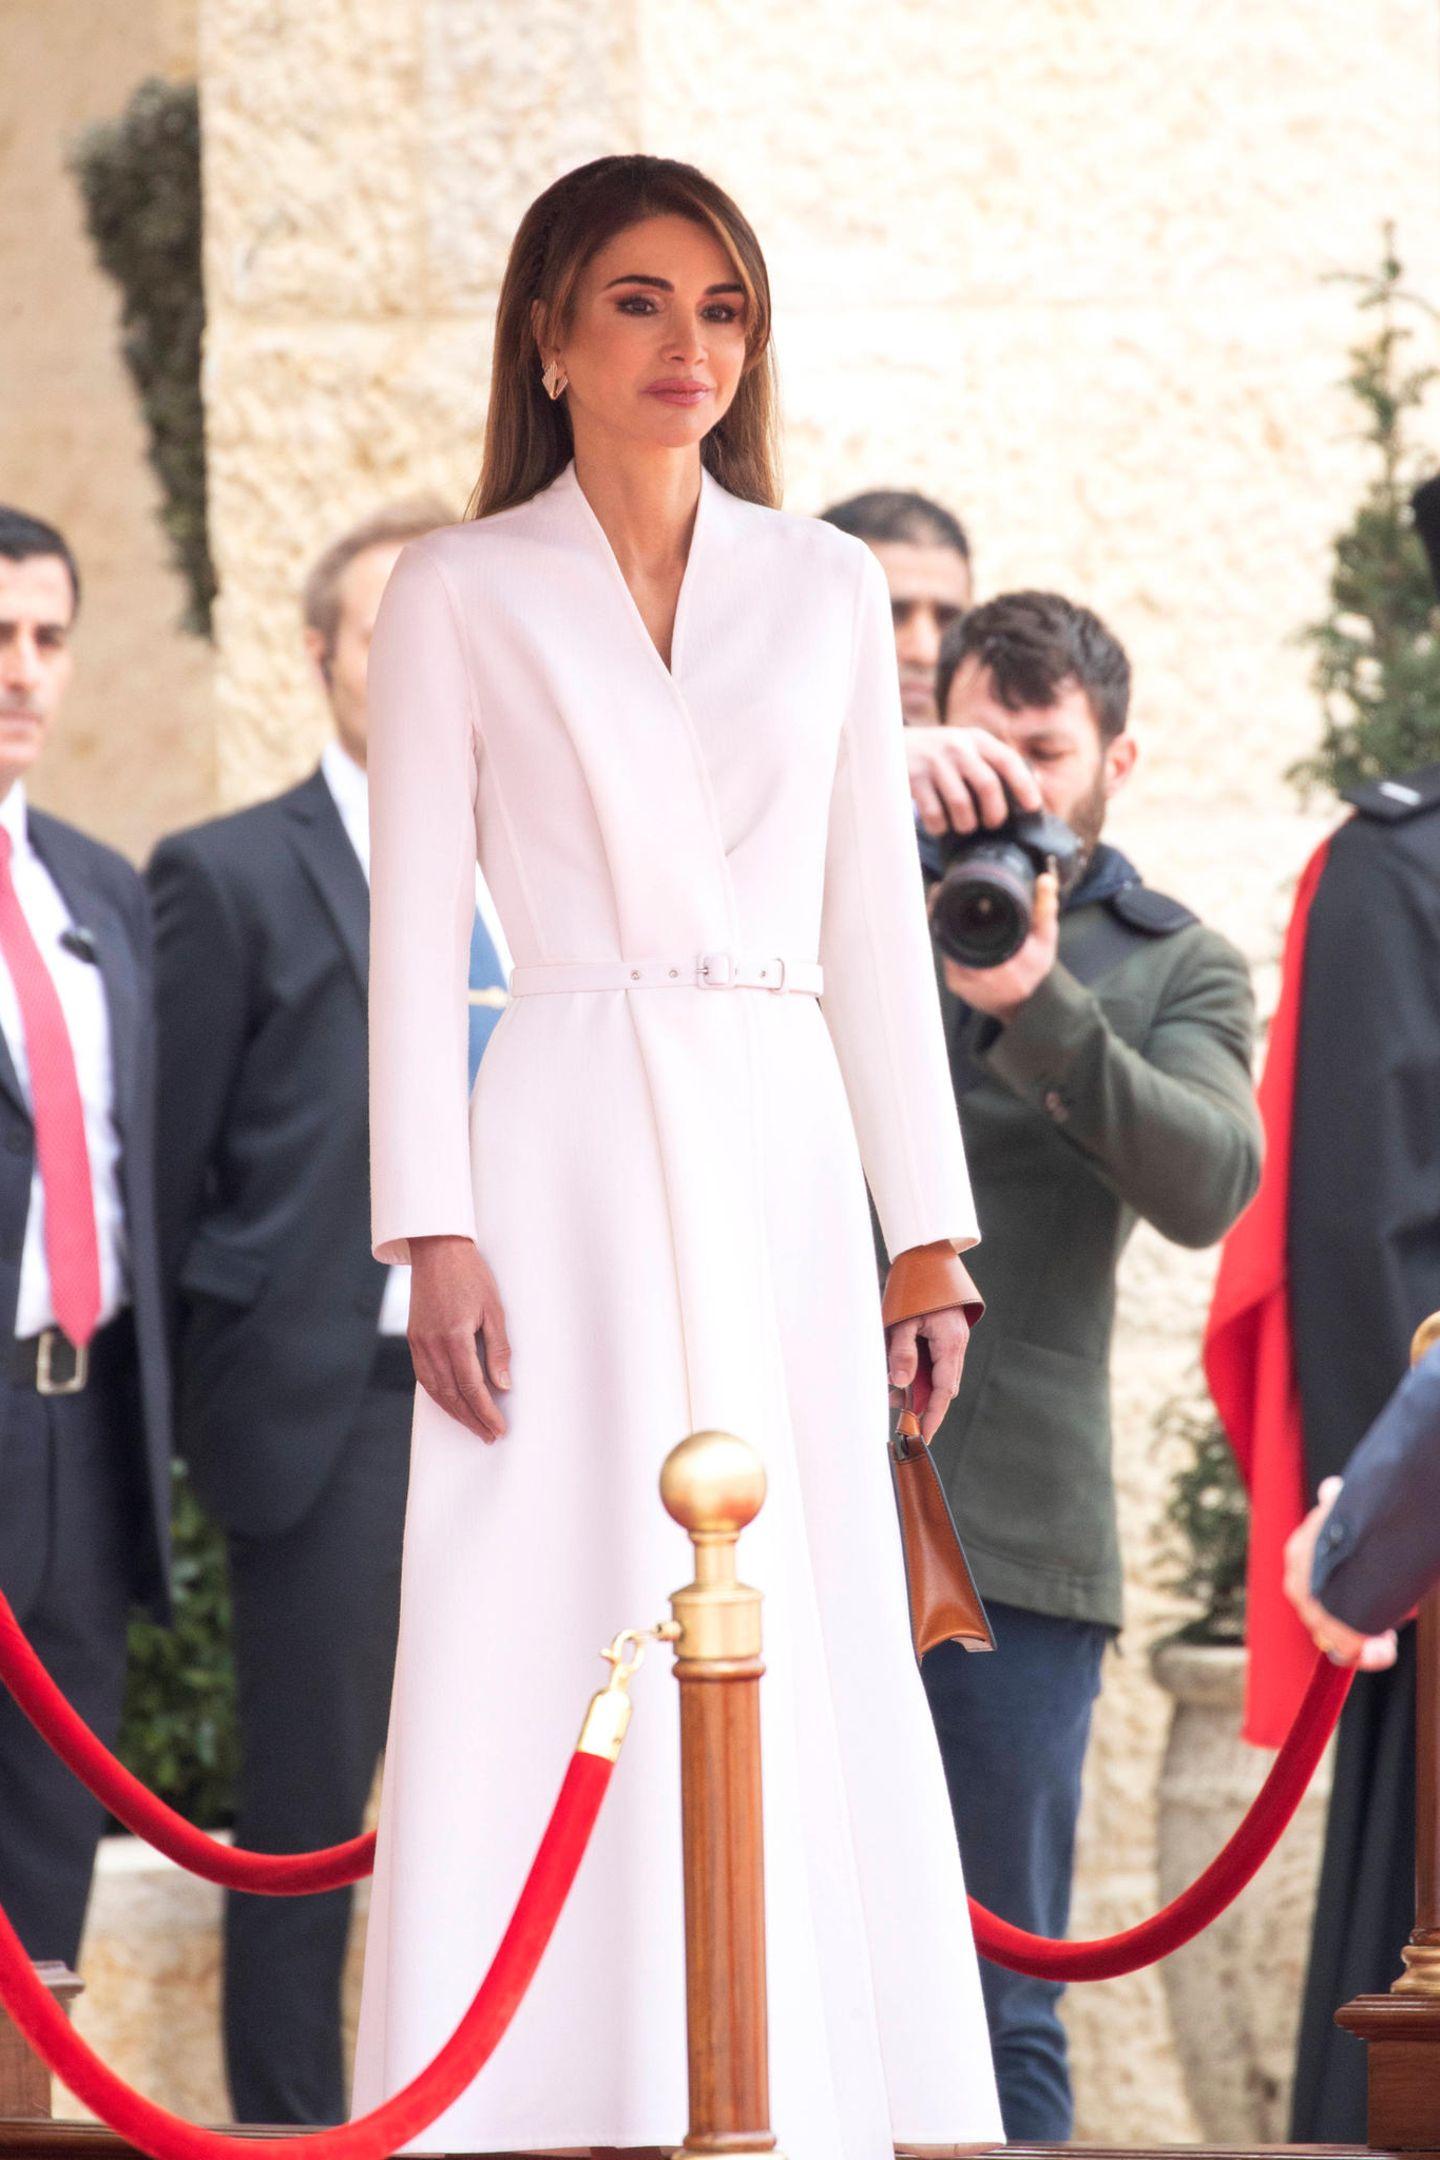 Königin Rania hat ein Händchen für Mode, was sie wieder einmal unter Beweis gestellt hat. Beim Staatsbesuch von König Harald und Königin Sonja setzt sie auf einen eleganten weißen Look.